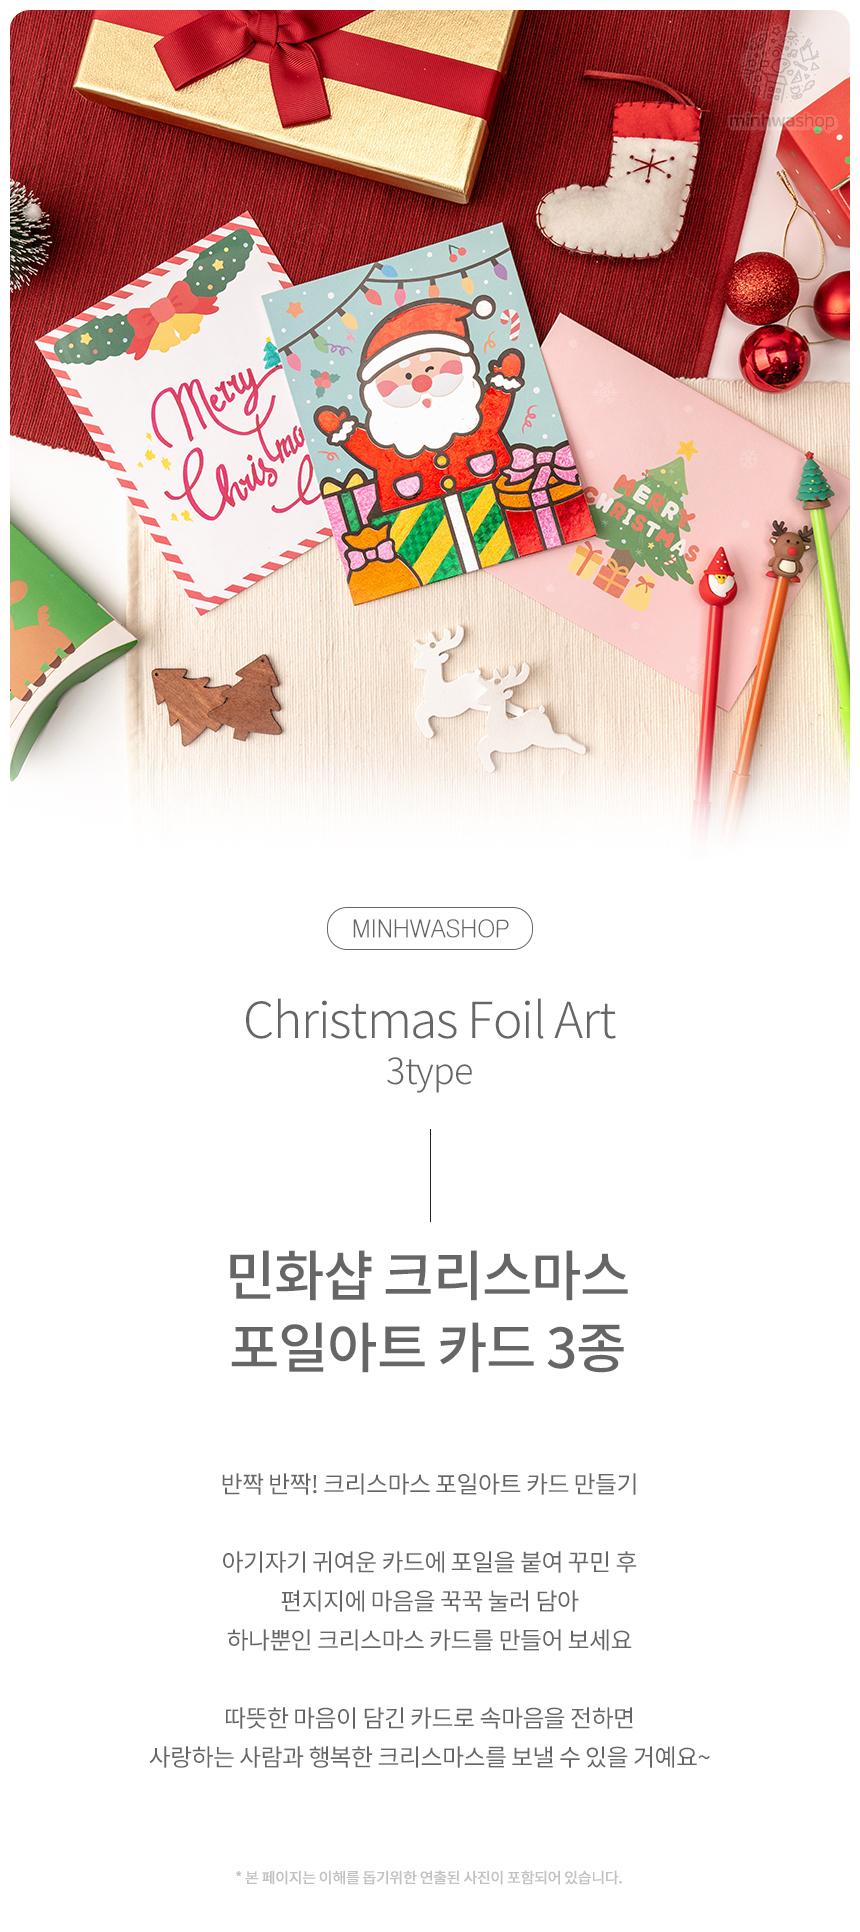 크리스마스 포일아트 카드